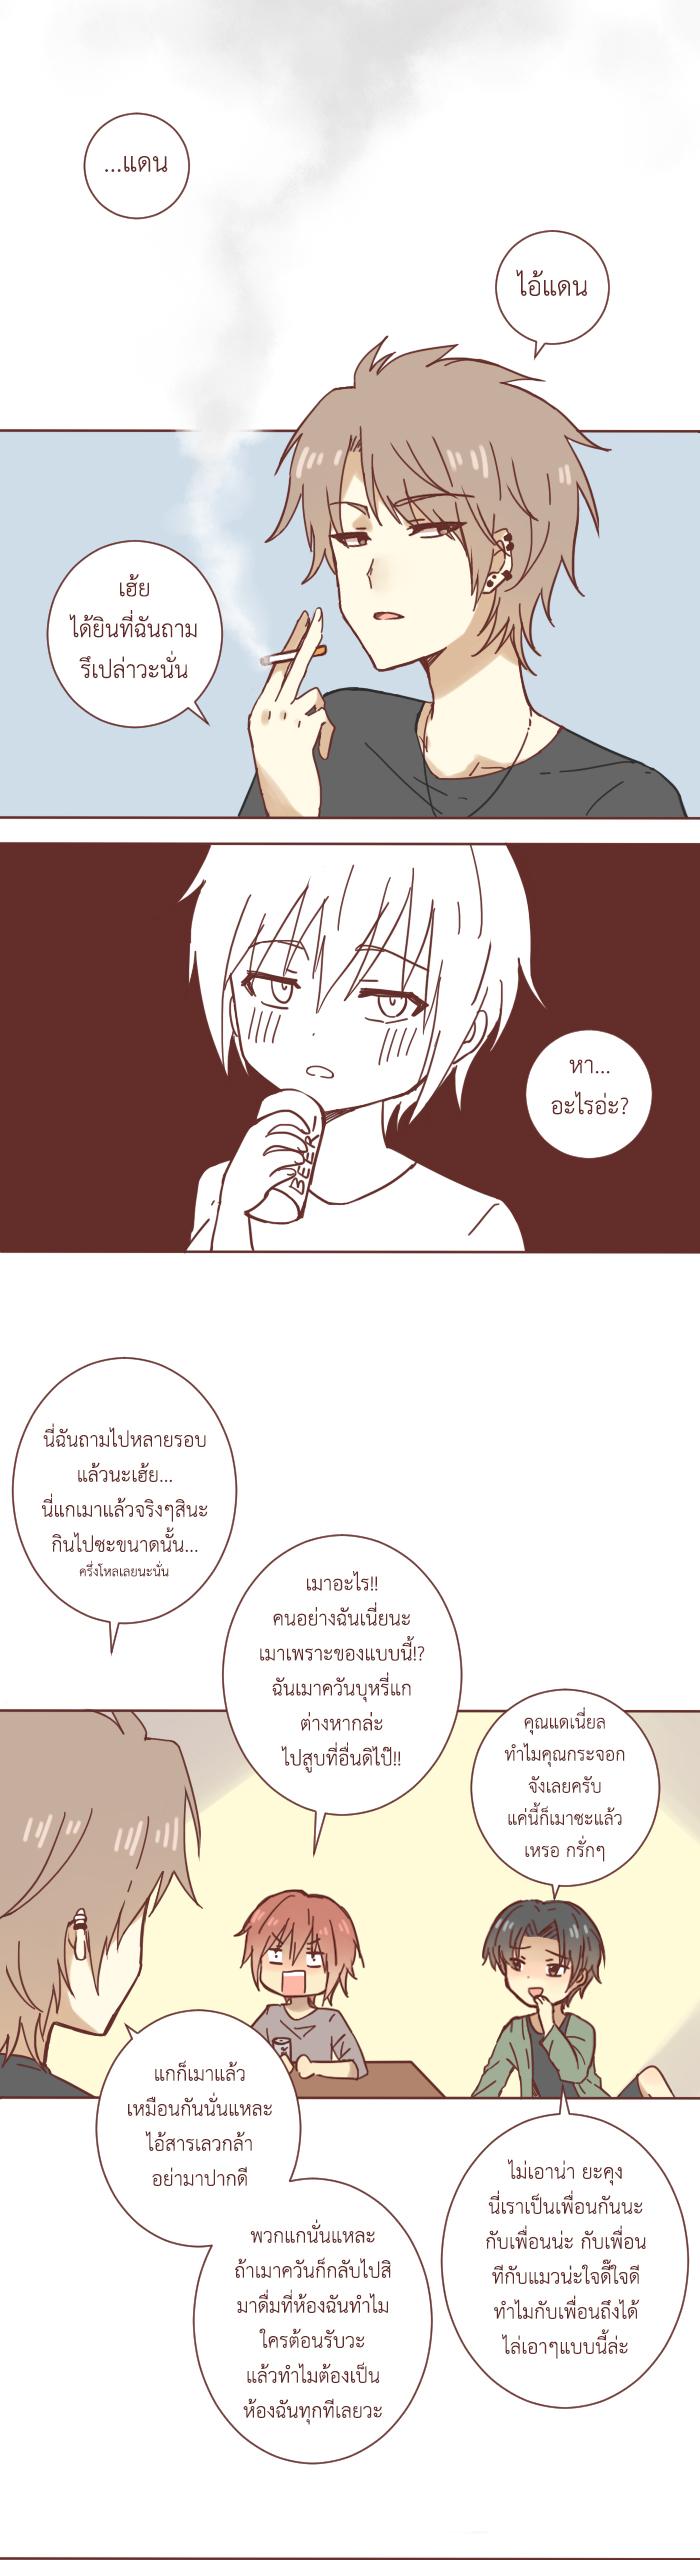 11 - ความลับ